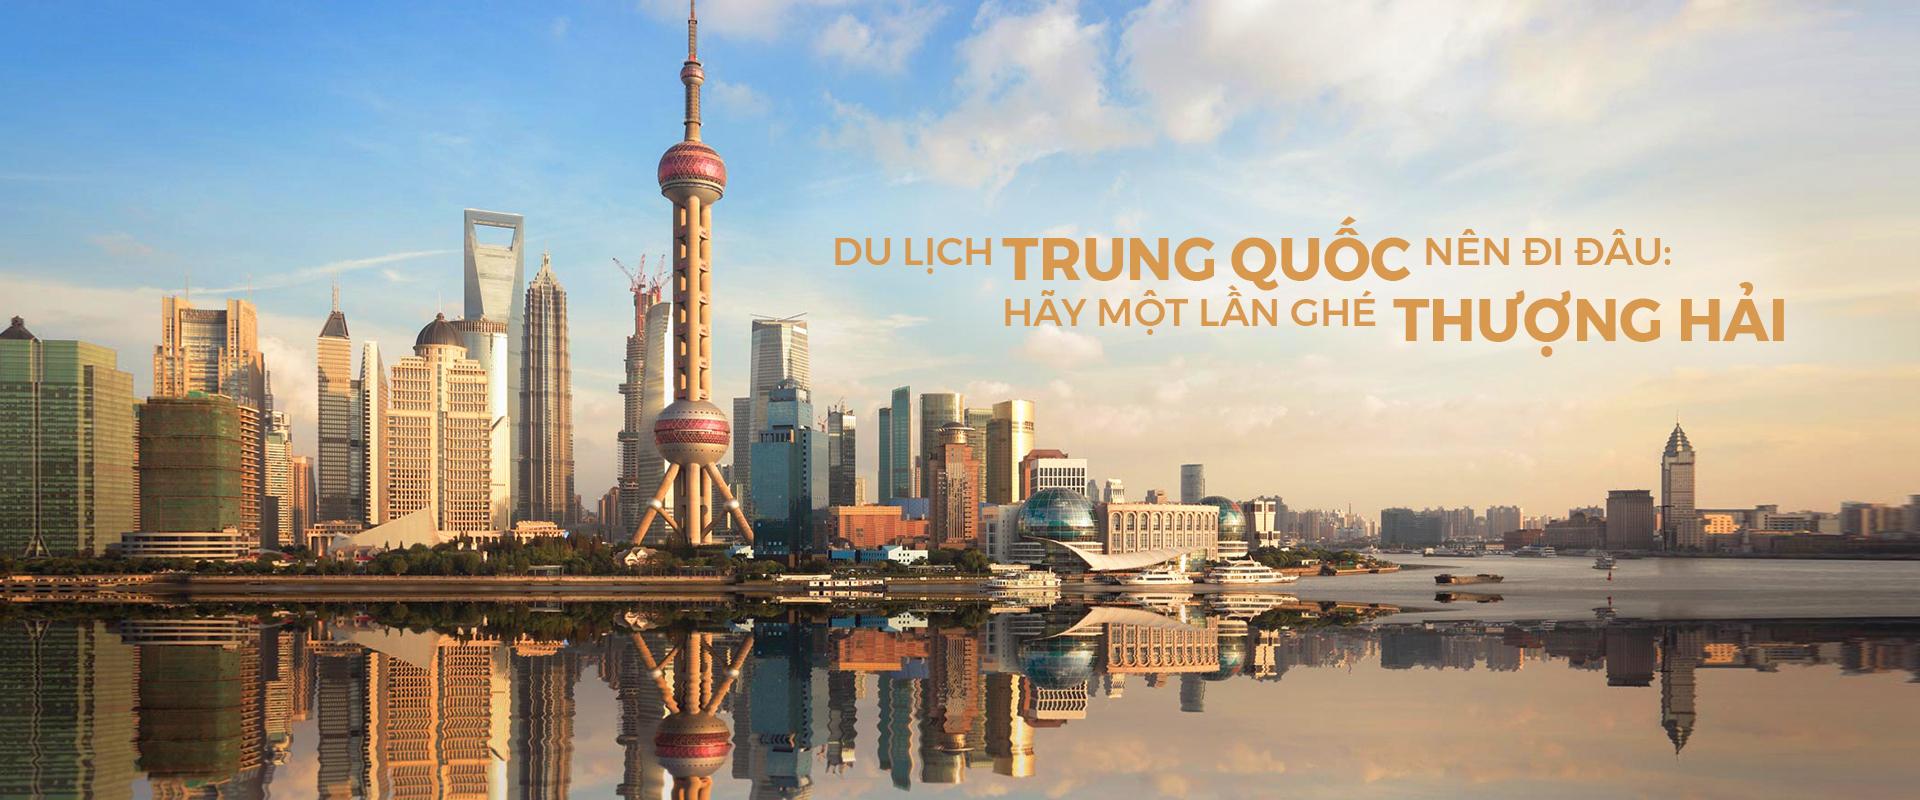 Du lịch Trung Quốc nên đi đâu: hãy một lần ghé Thượng Hải